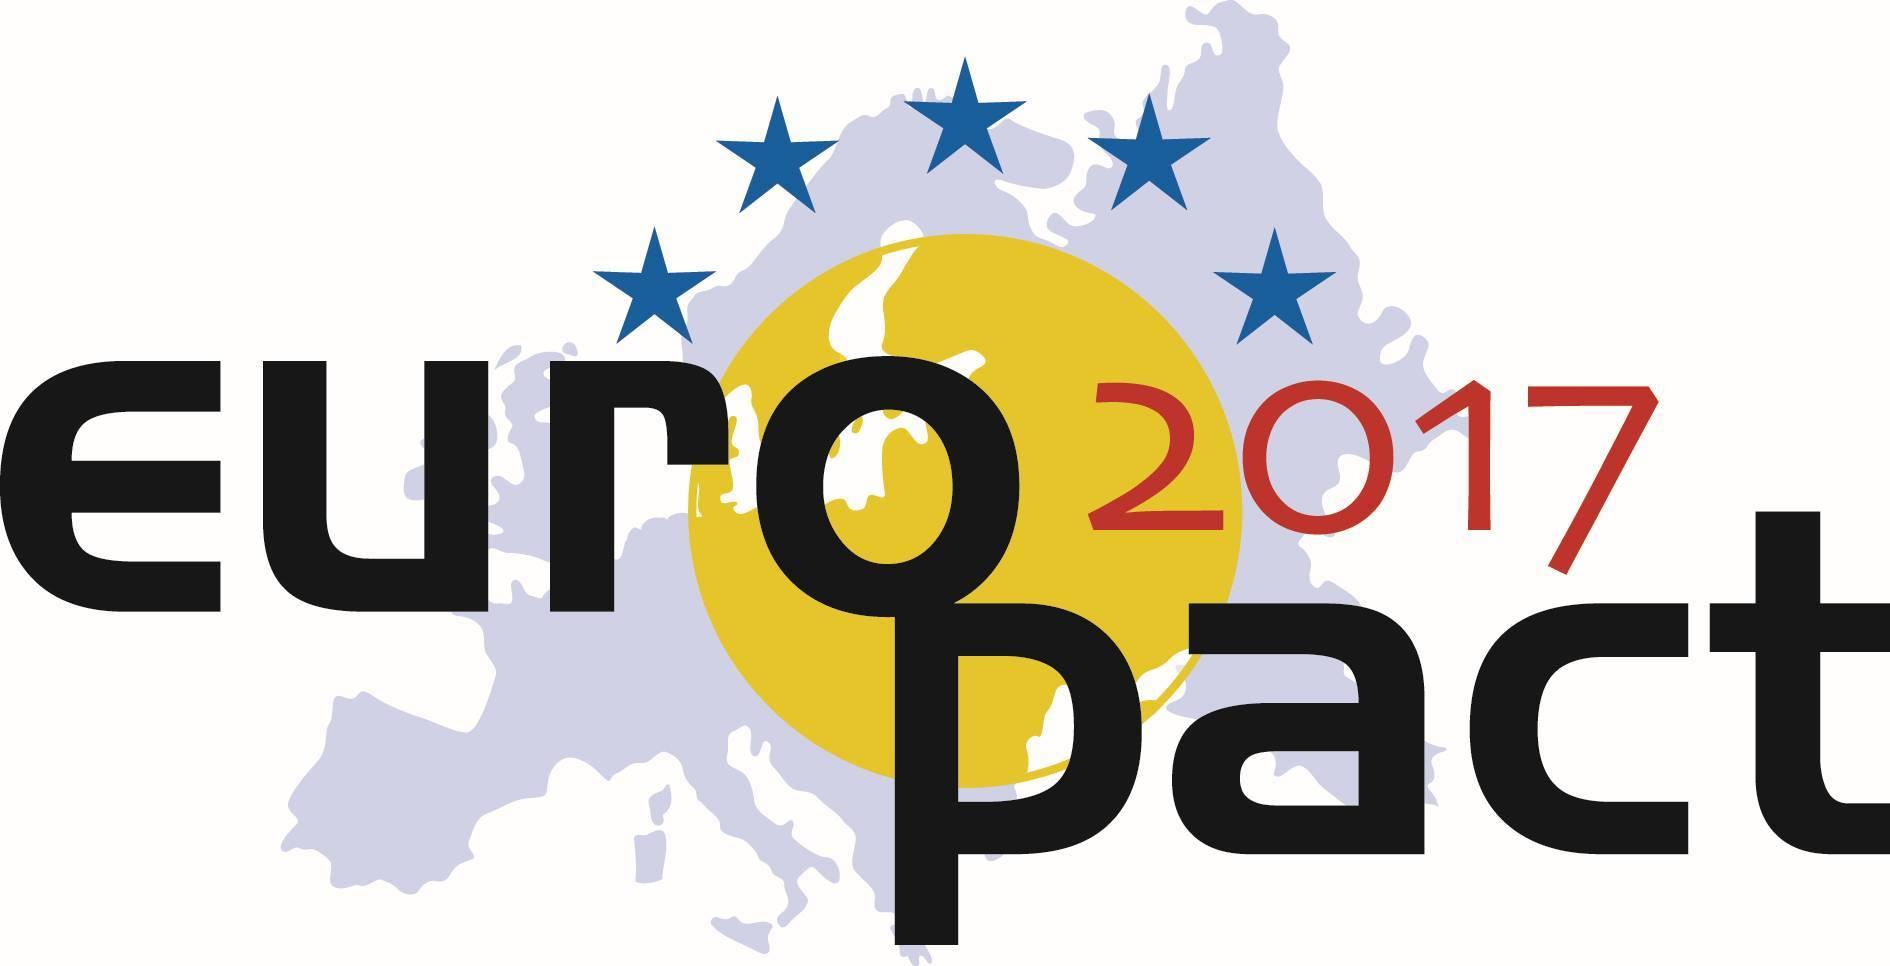 EuroPACT '17logo